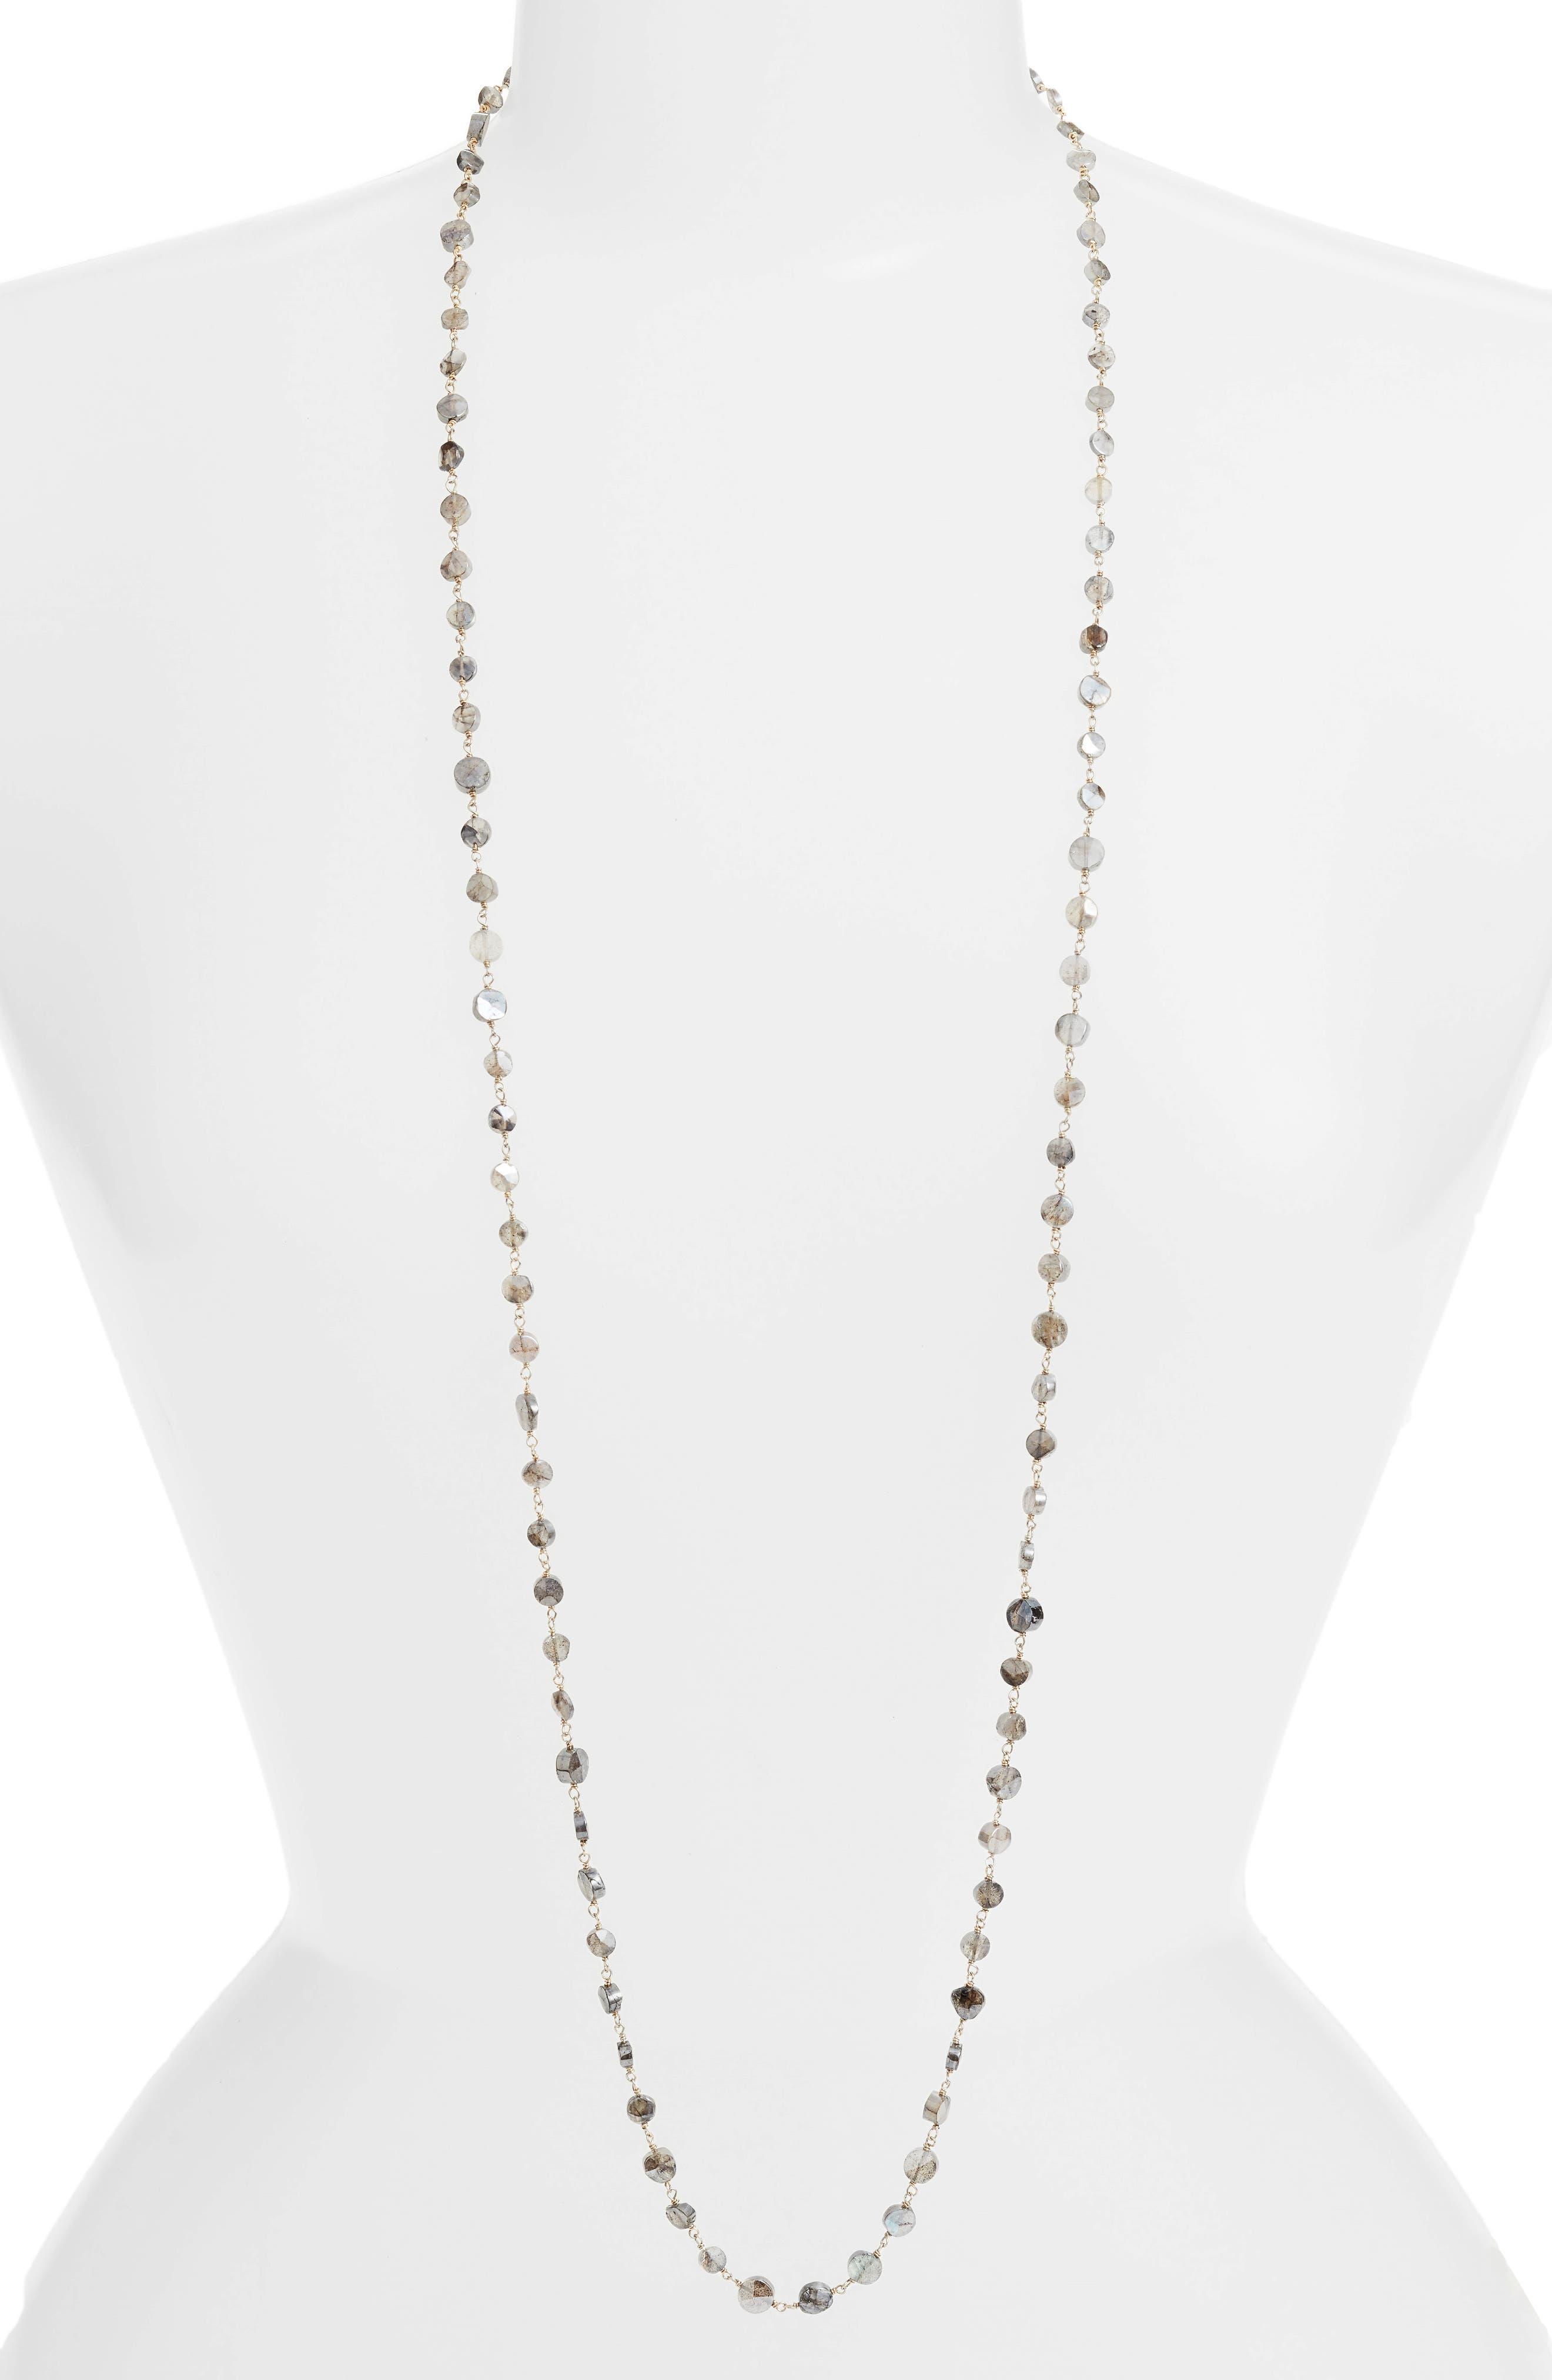 Diana Coin Necklace,                         Main,                         color, MYSTIC LABRADORITE/ GOLD